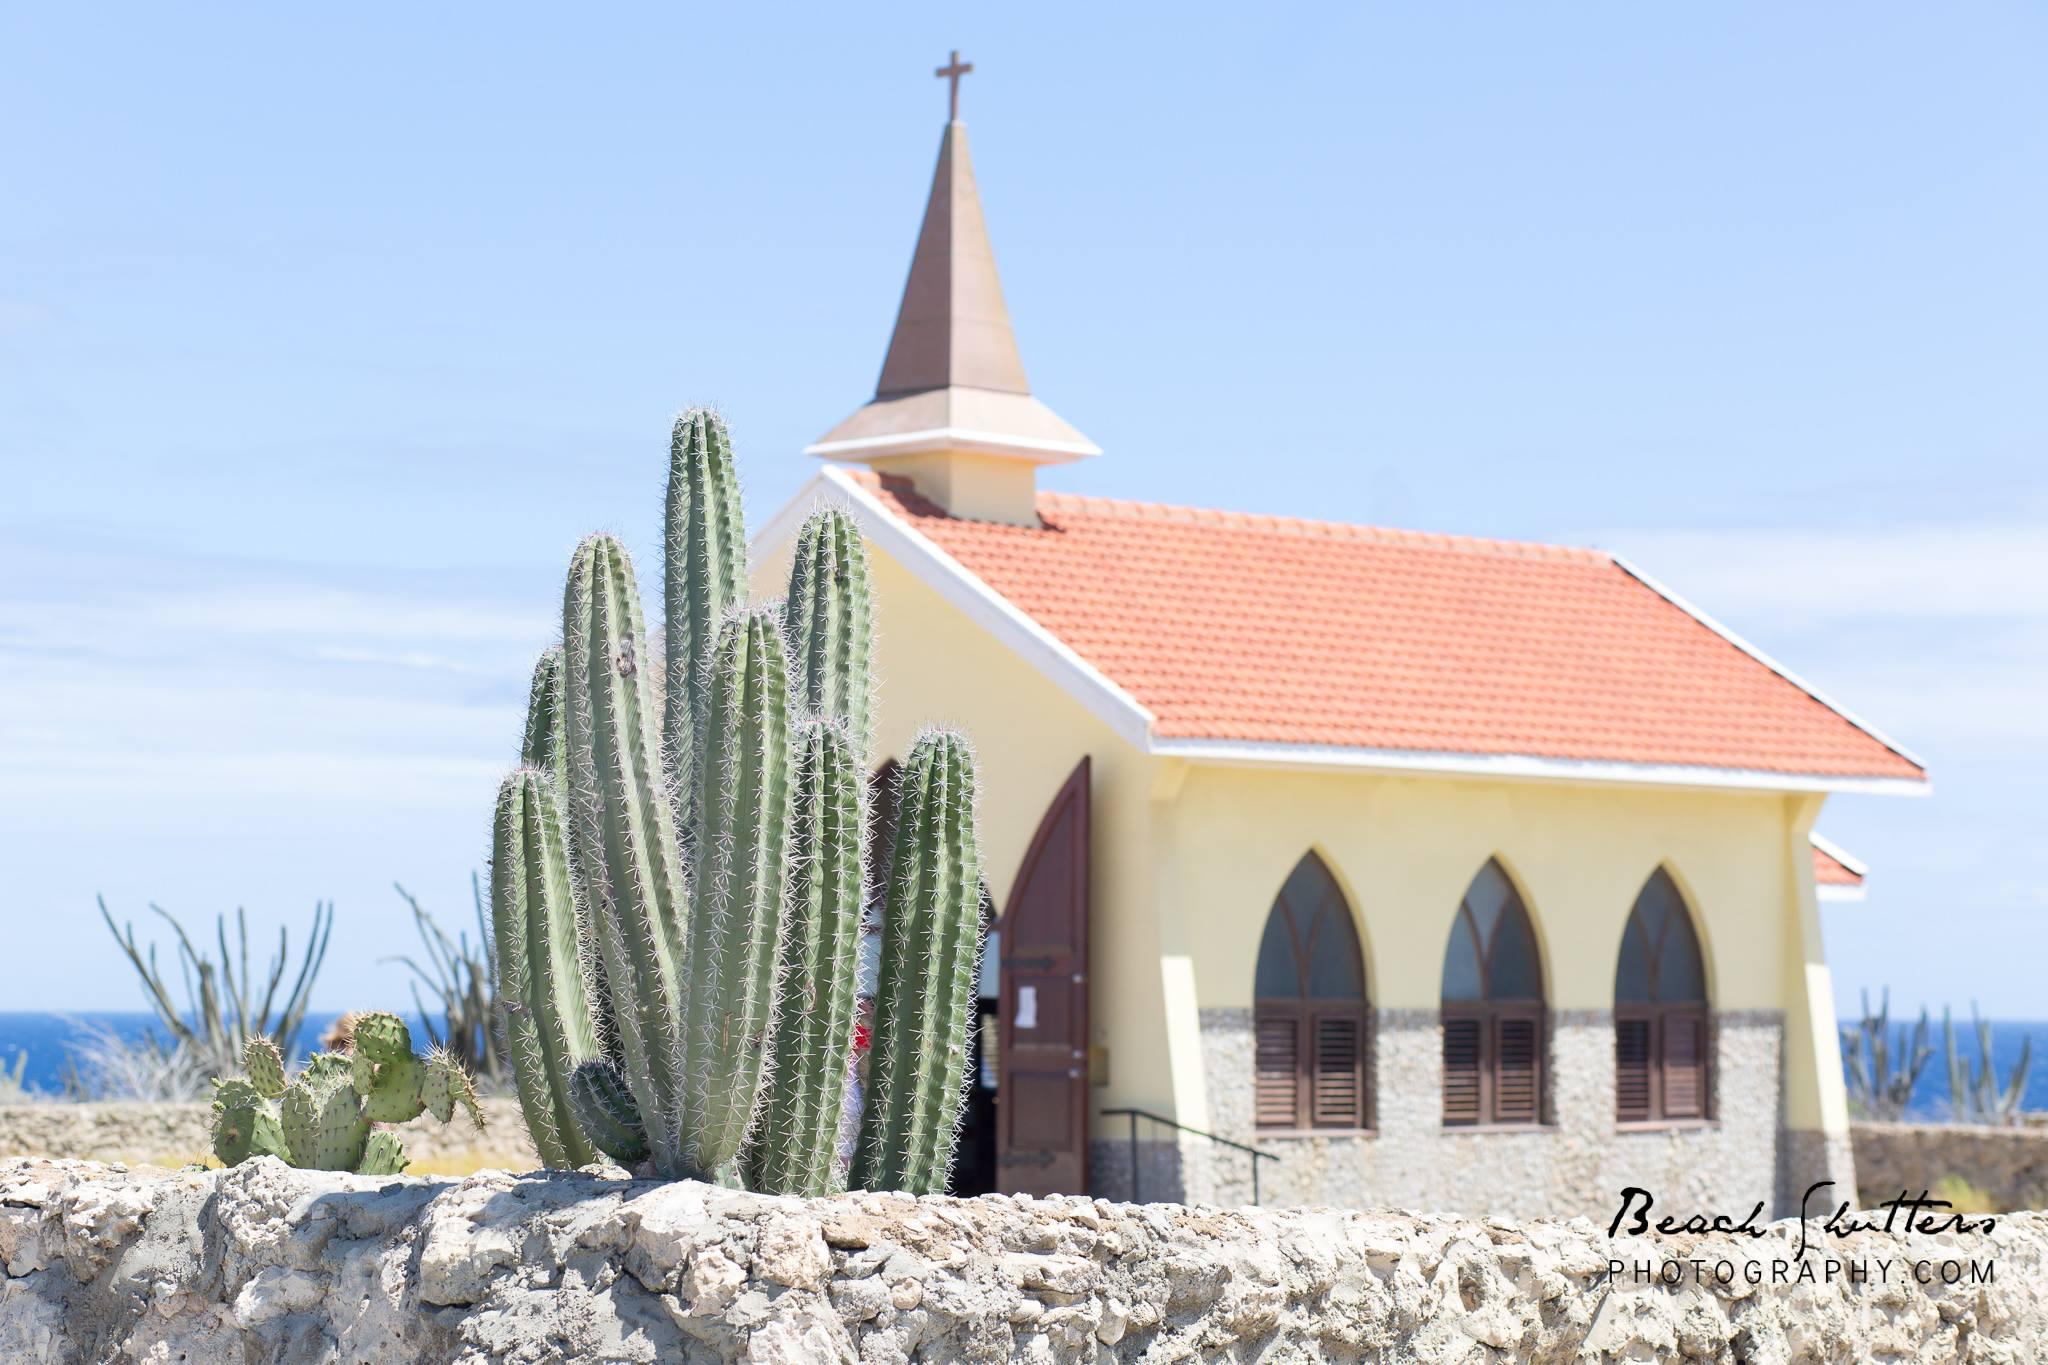 real estate photos of a church